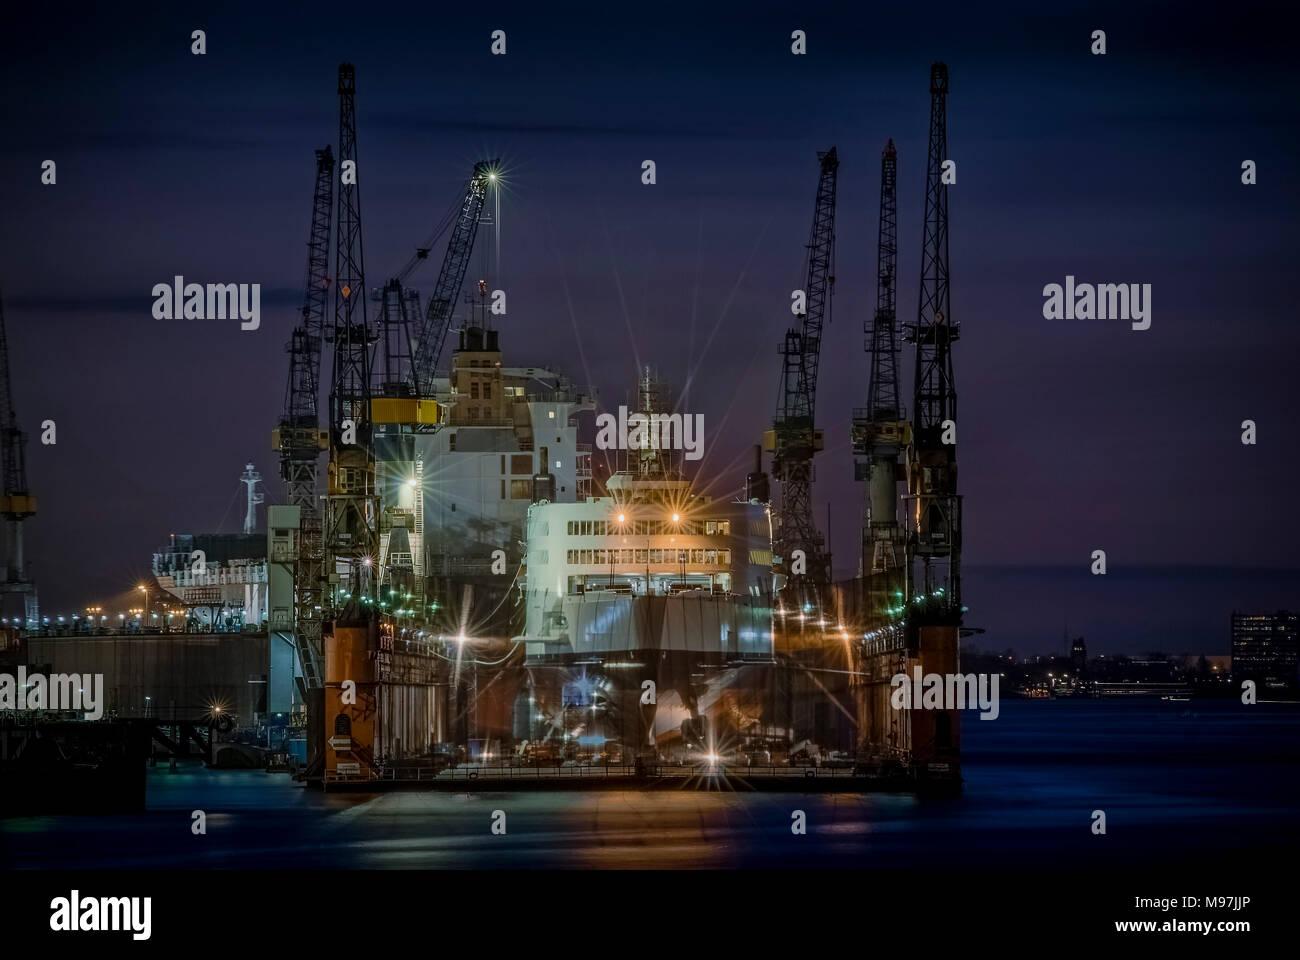 Deutschland, Hamburg, Landungsbrücken, Blohm und Voss, Trockendock, 'Ocean Cosmos' - Stock Image